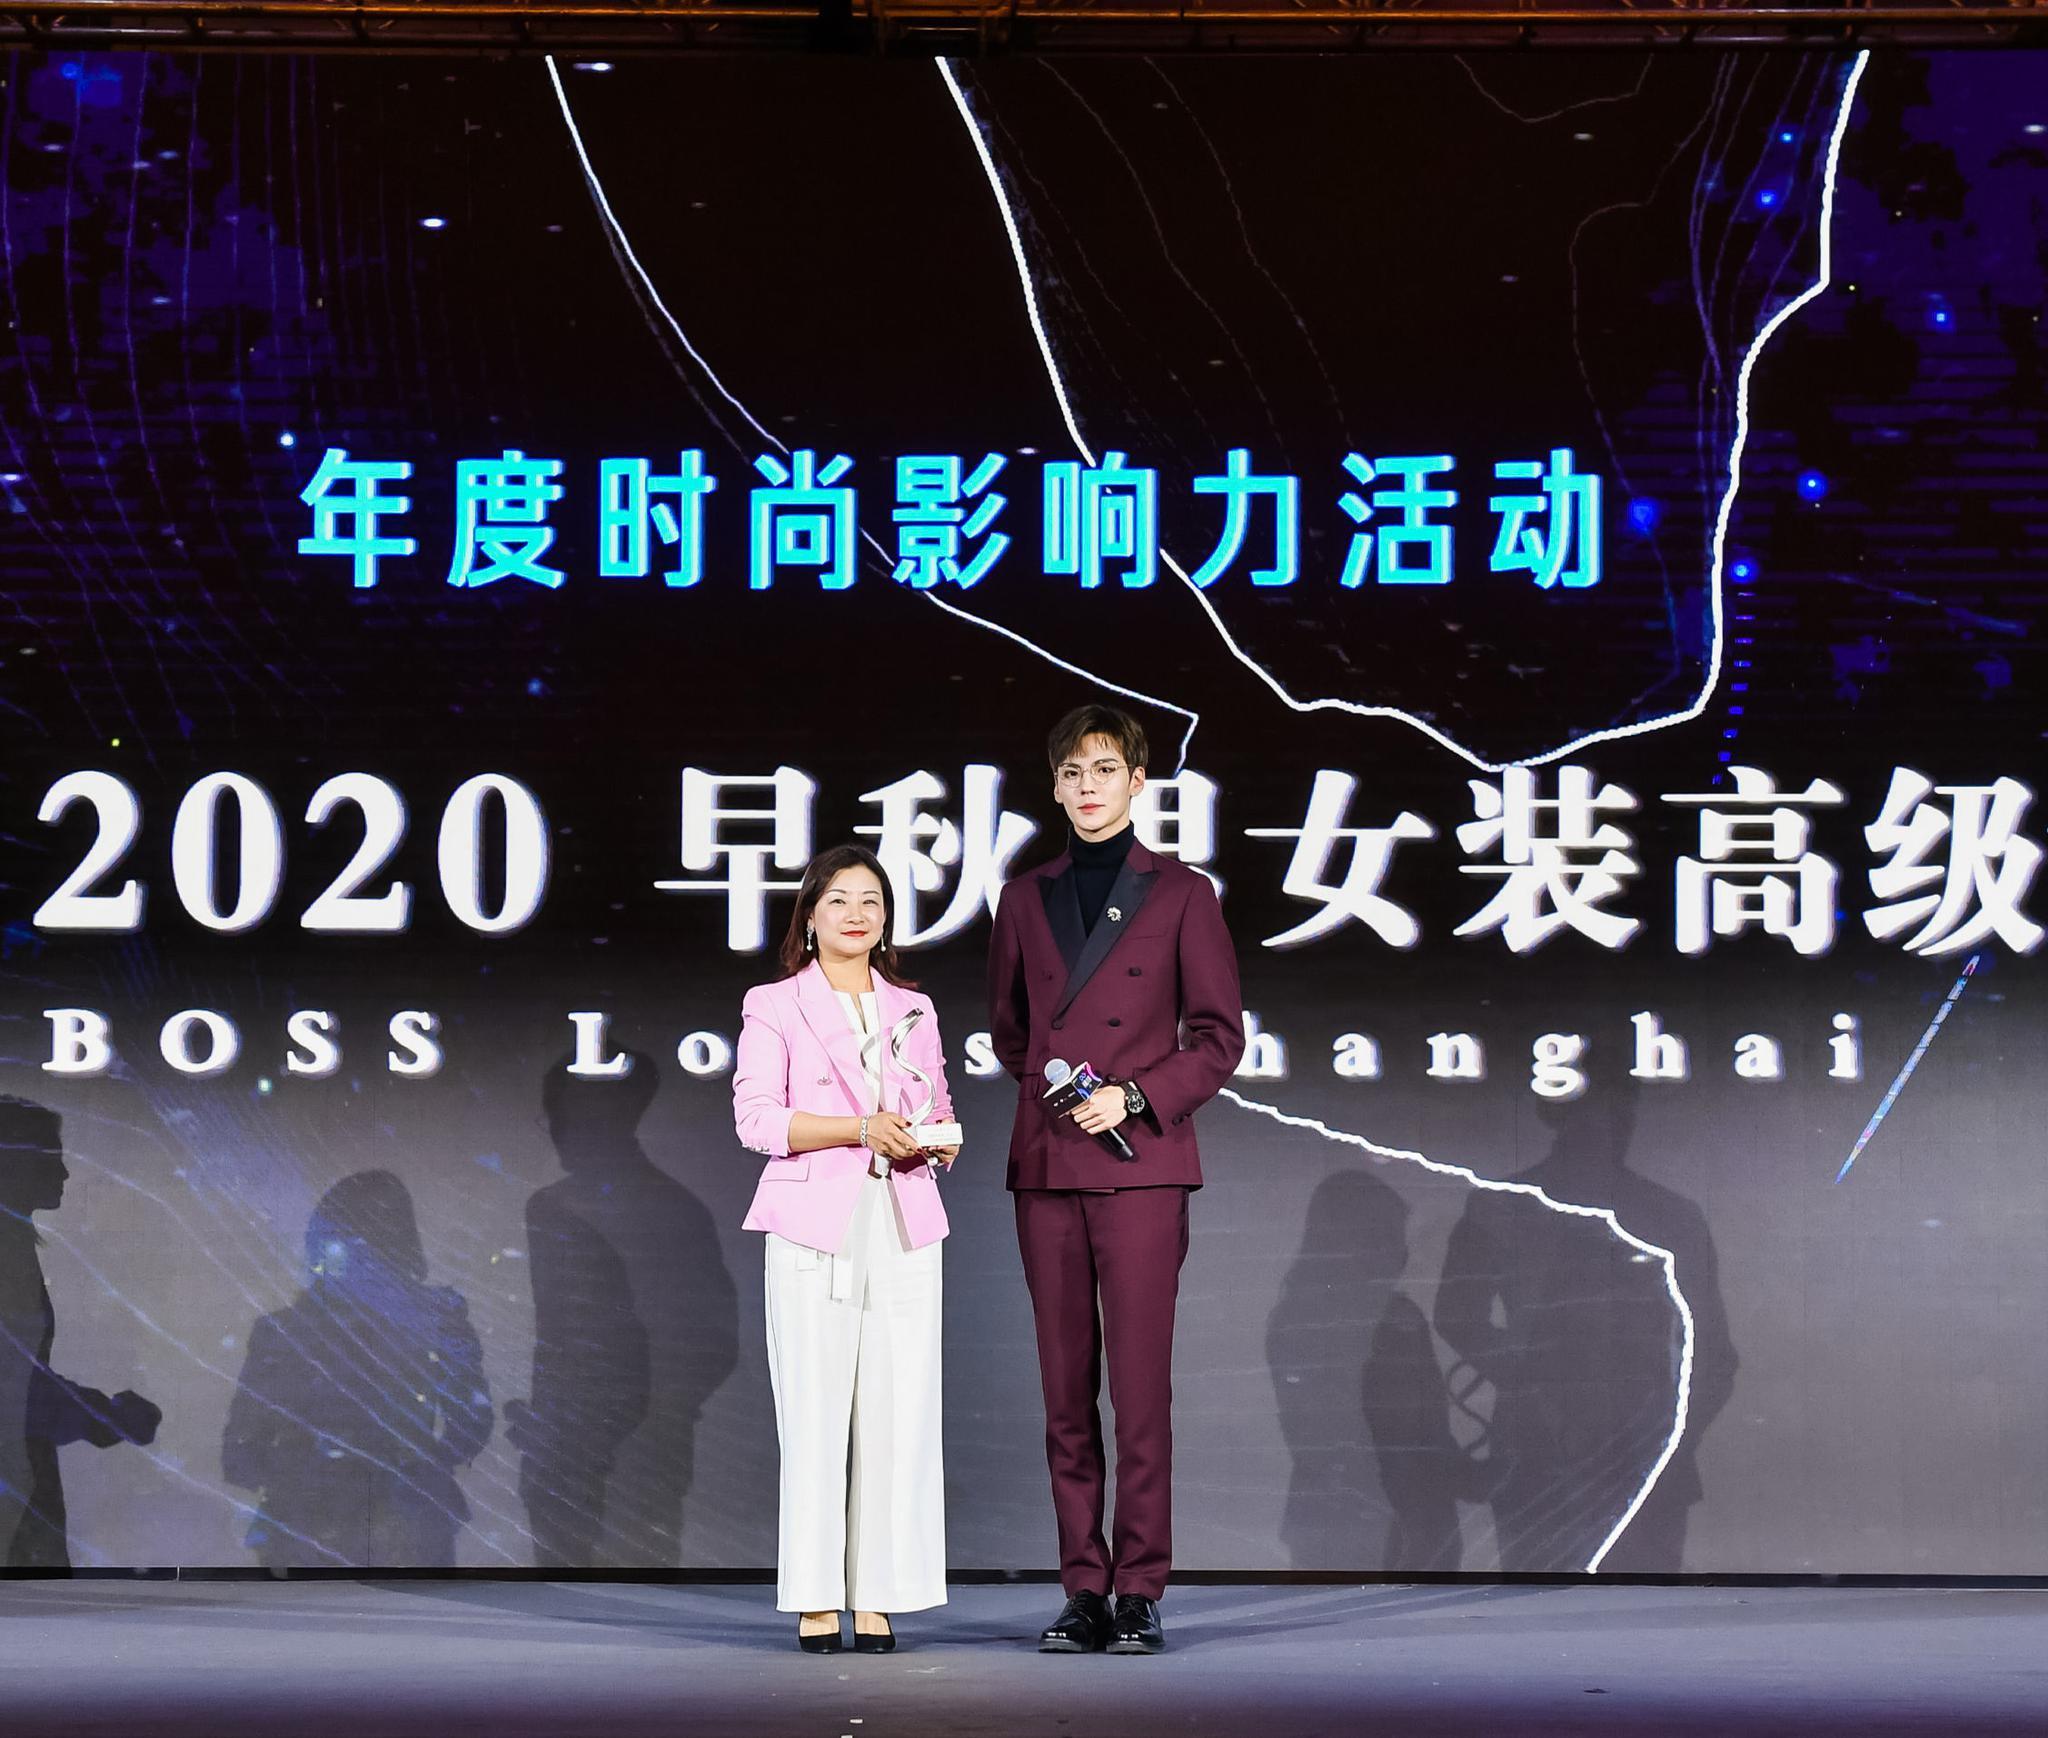 中国内地流行乐男歌手毕雯珺为HUGO BOSS大中华区市场营销资深总经理刘岳仪女士颁奖